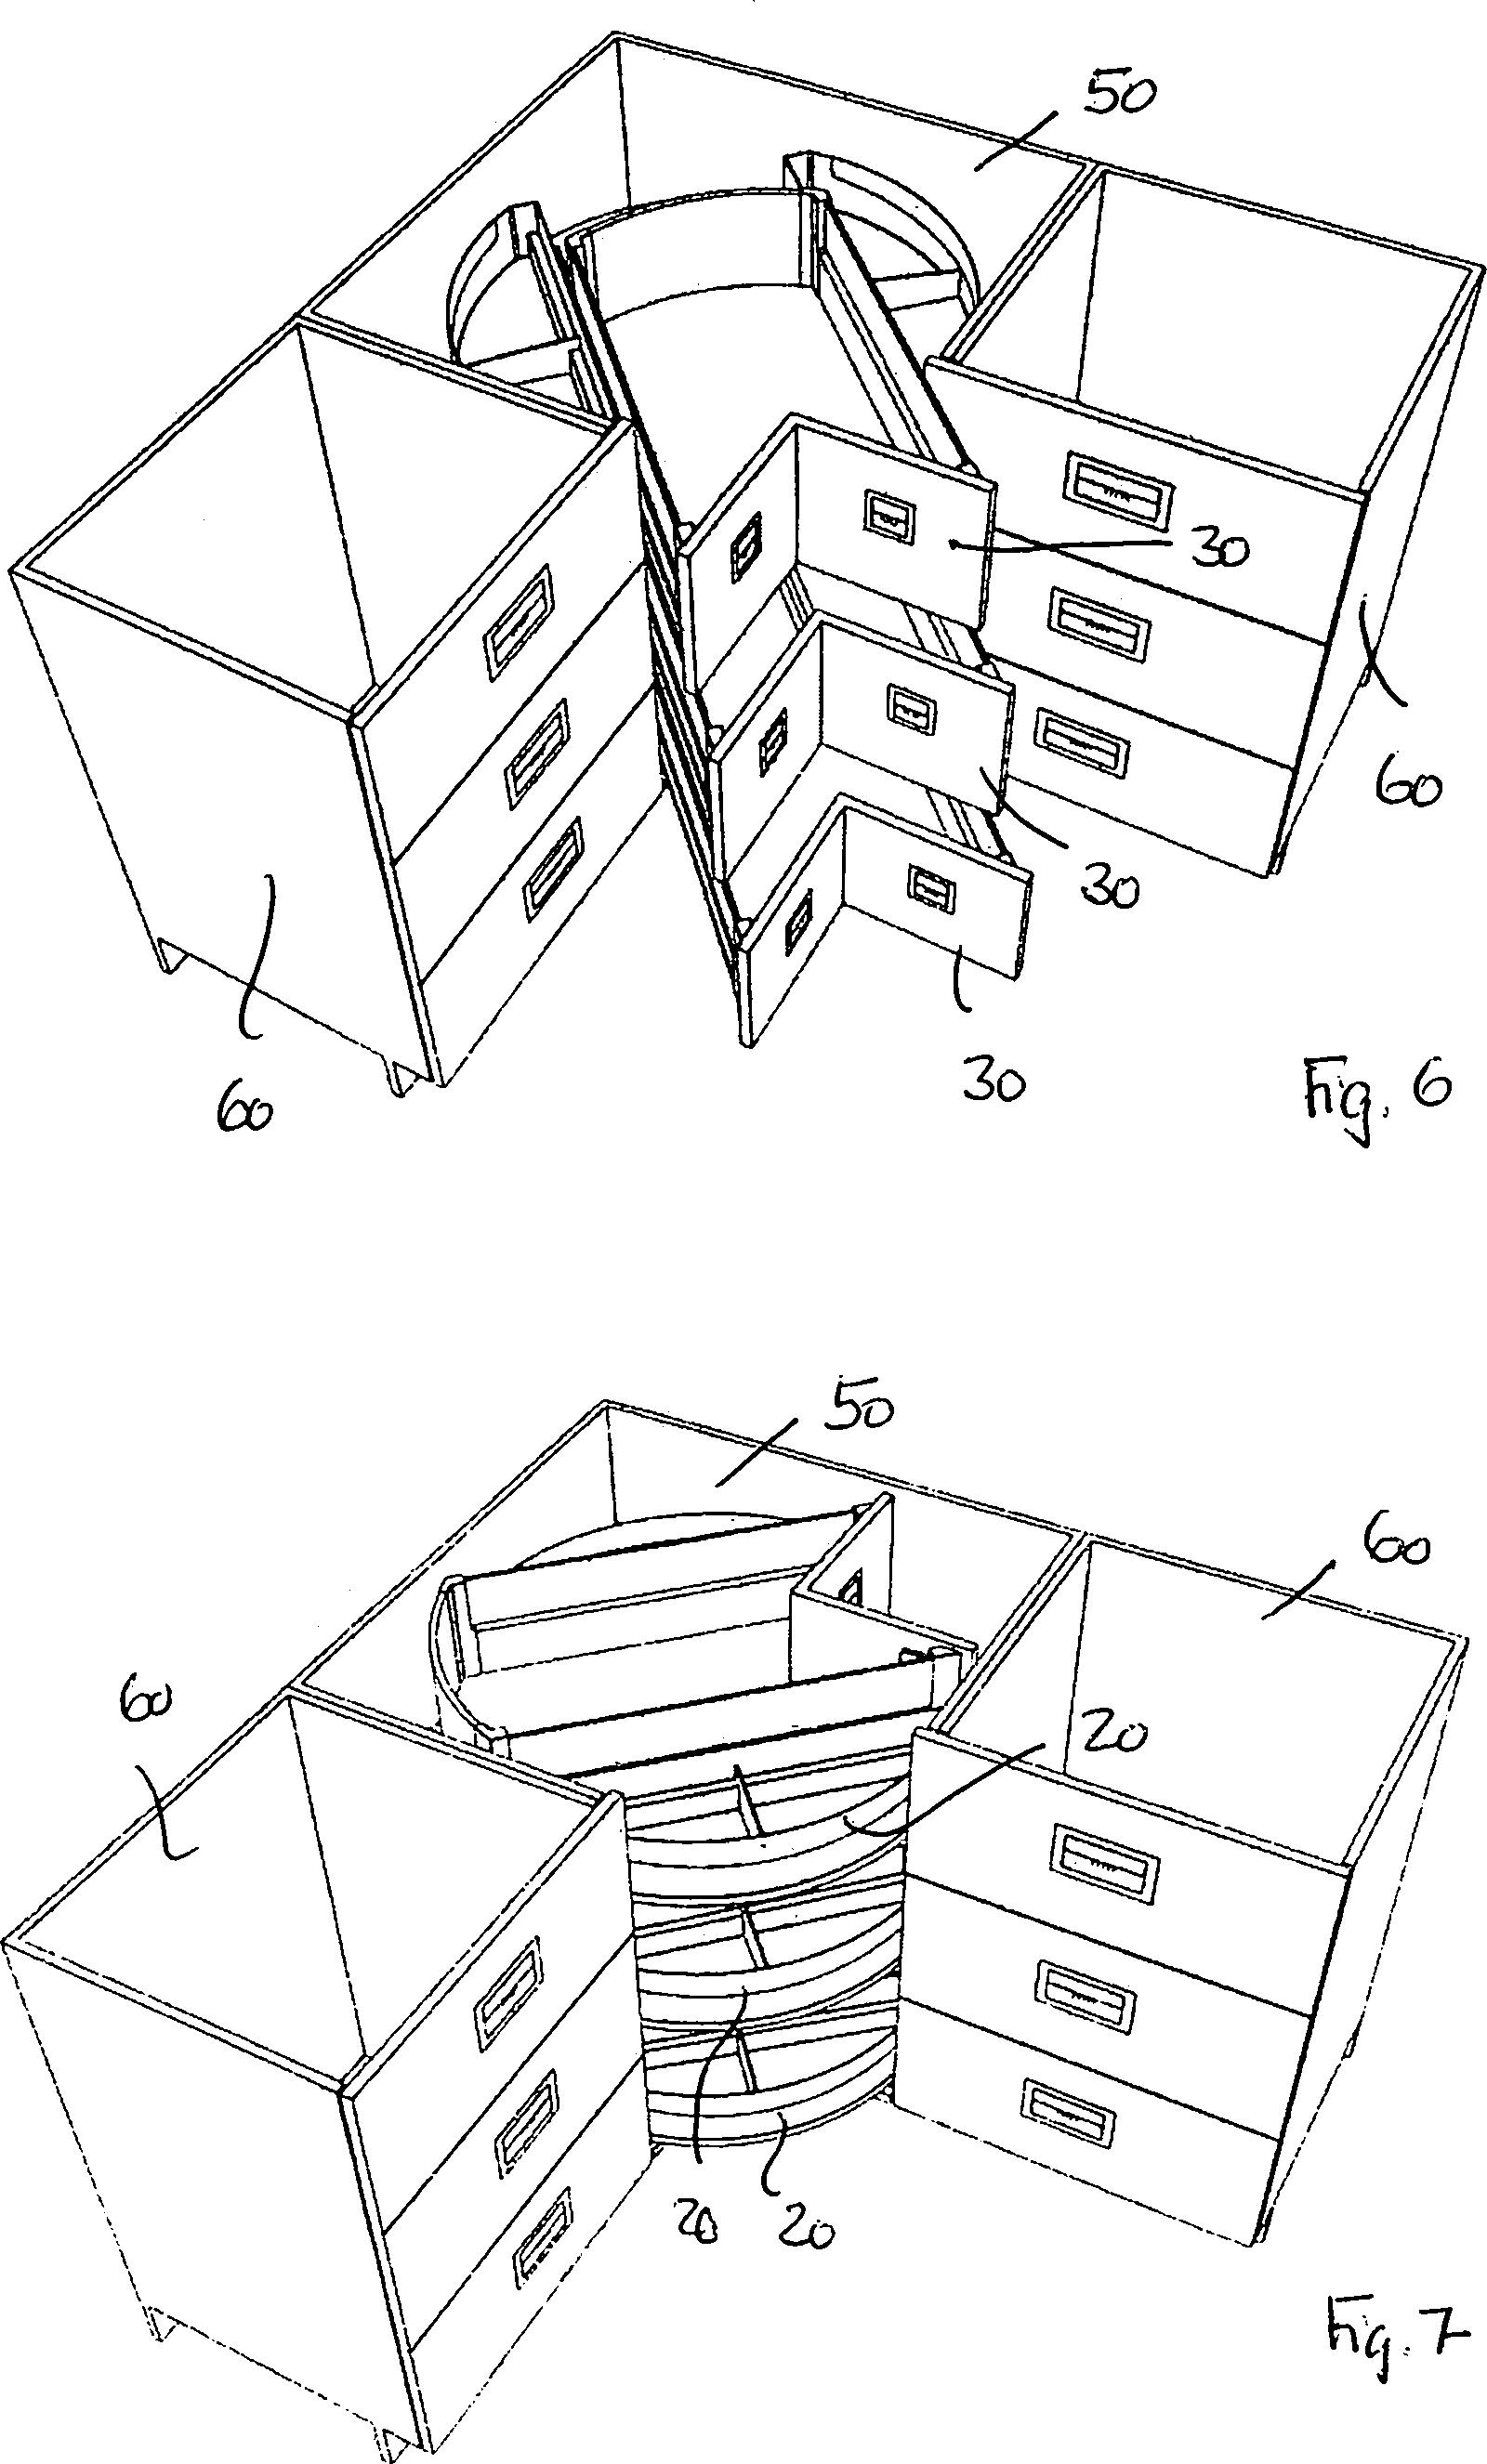 patentimages.storage.googleapis.com/DE102012007306...